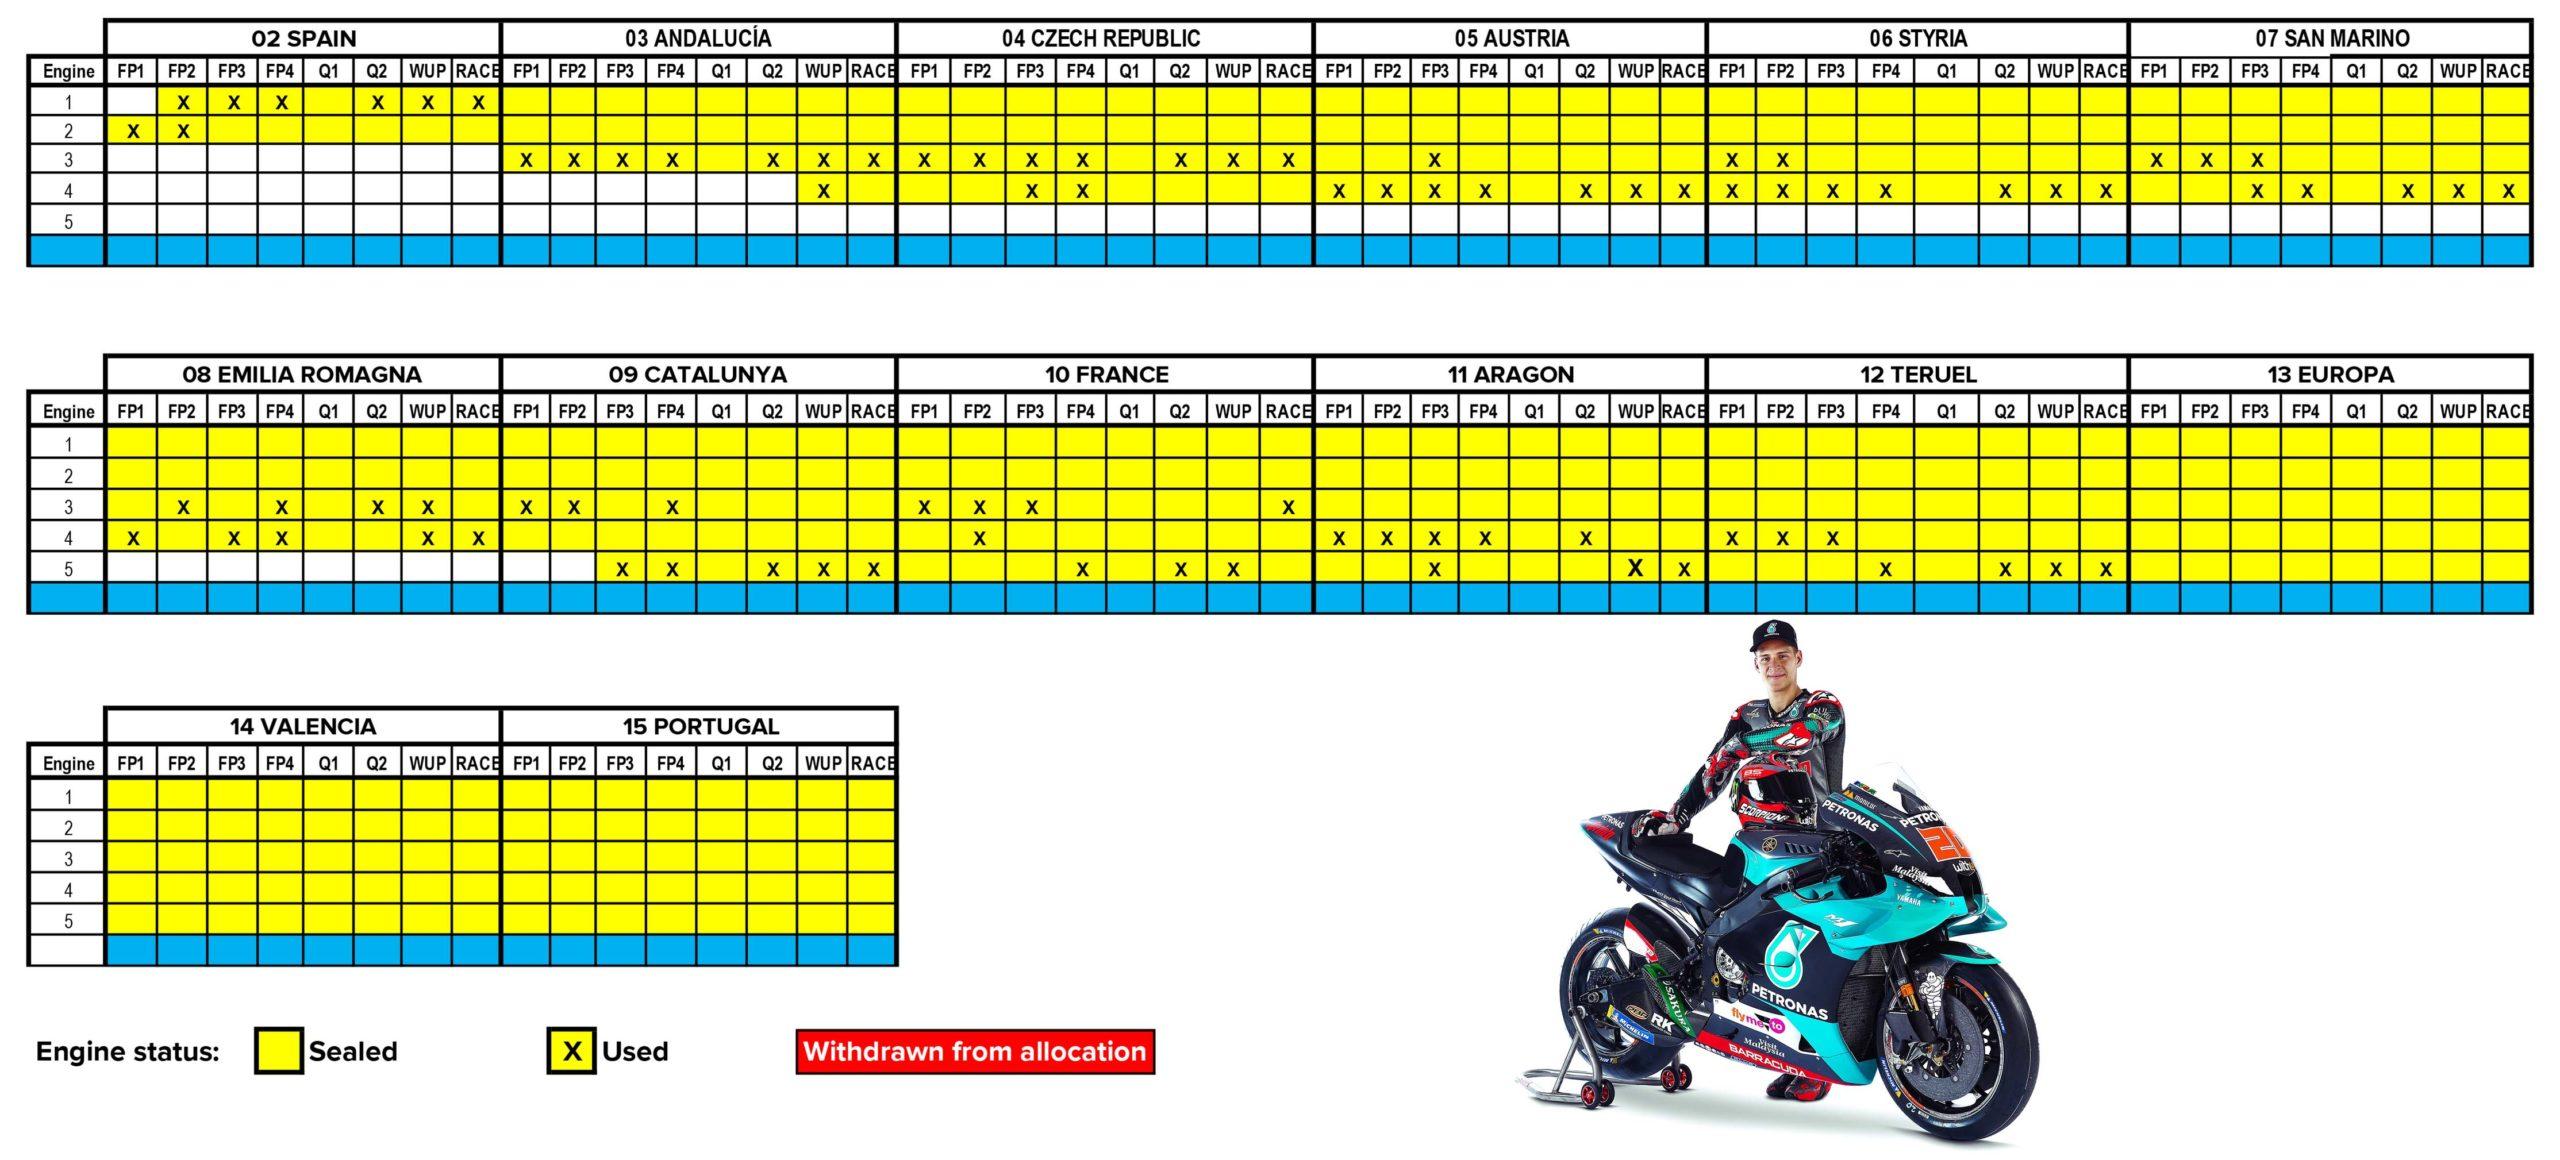 Fabio Quartararo November 2020 MotoGP engine allocation